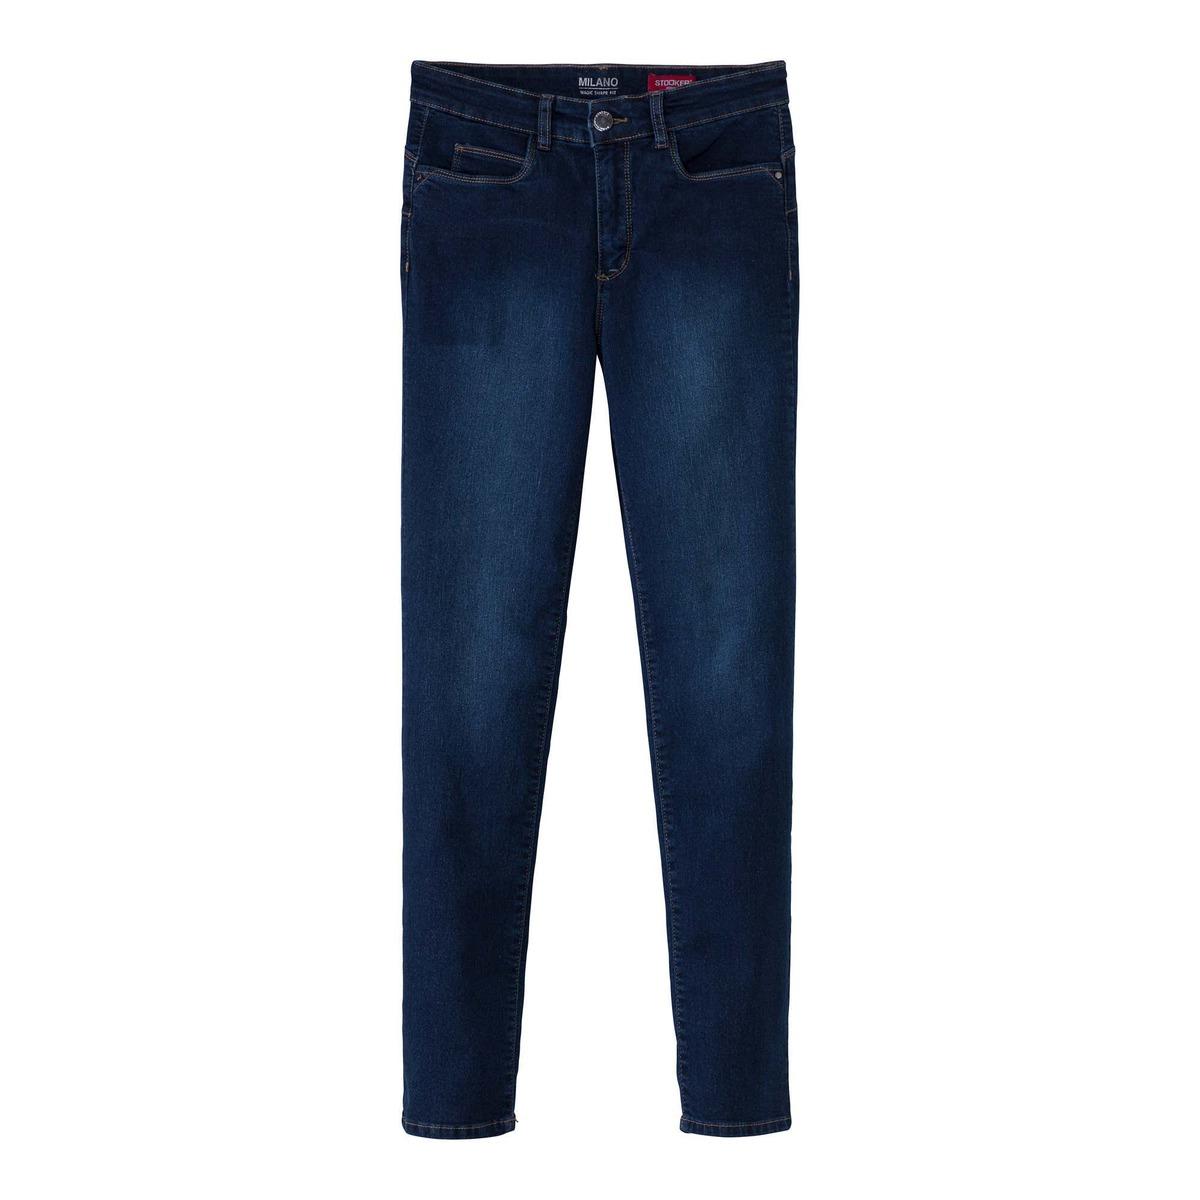 Bild 4 von Damen-Stooker-Jeans mit High-Waist-Cut, große Größen